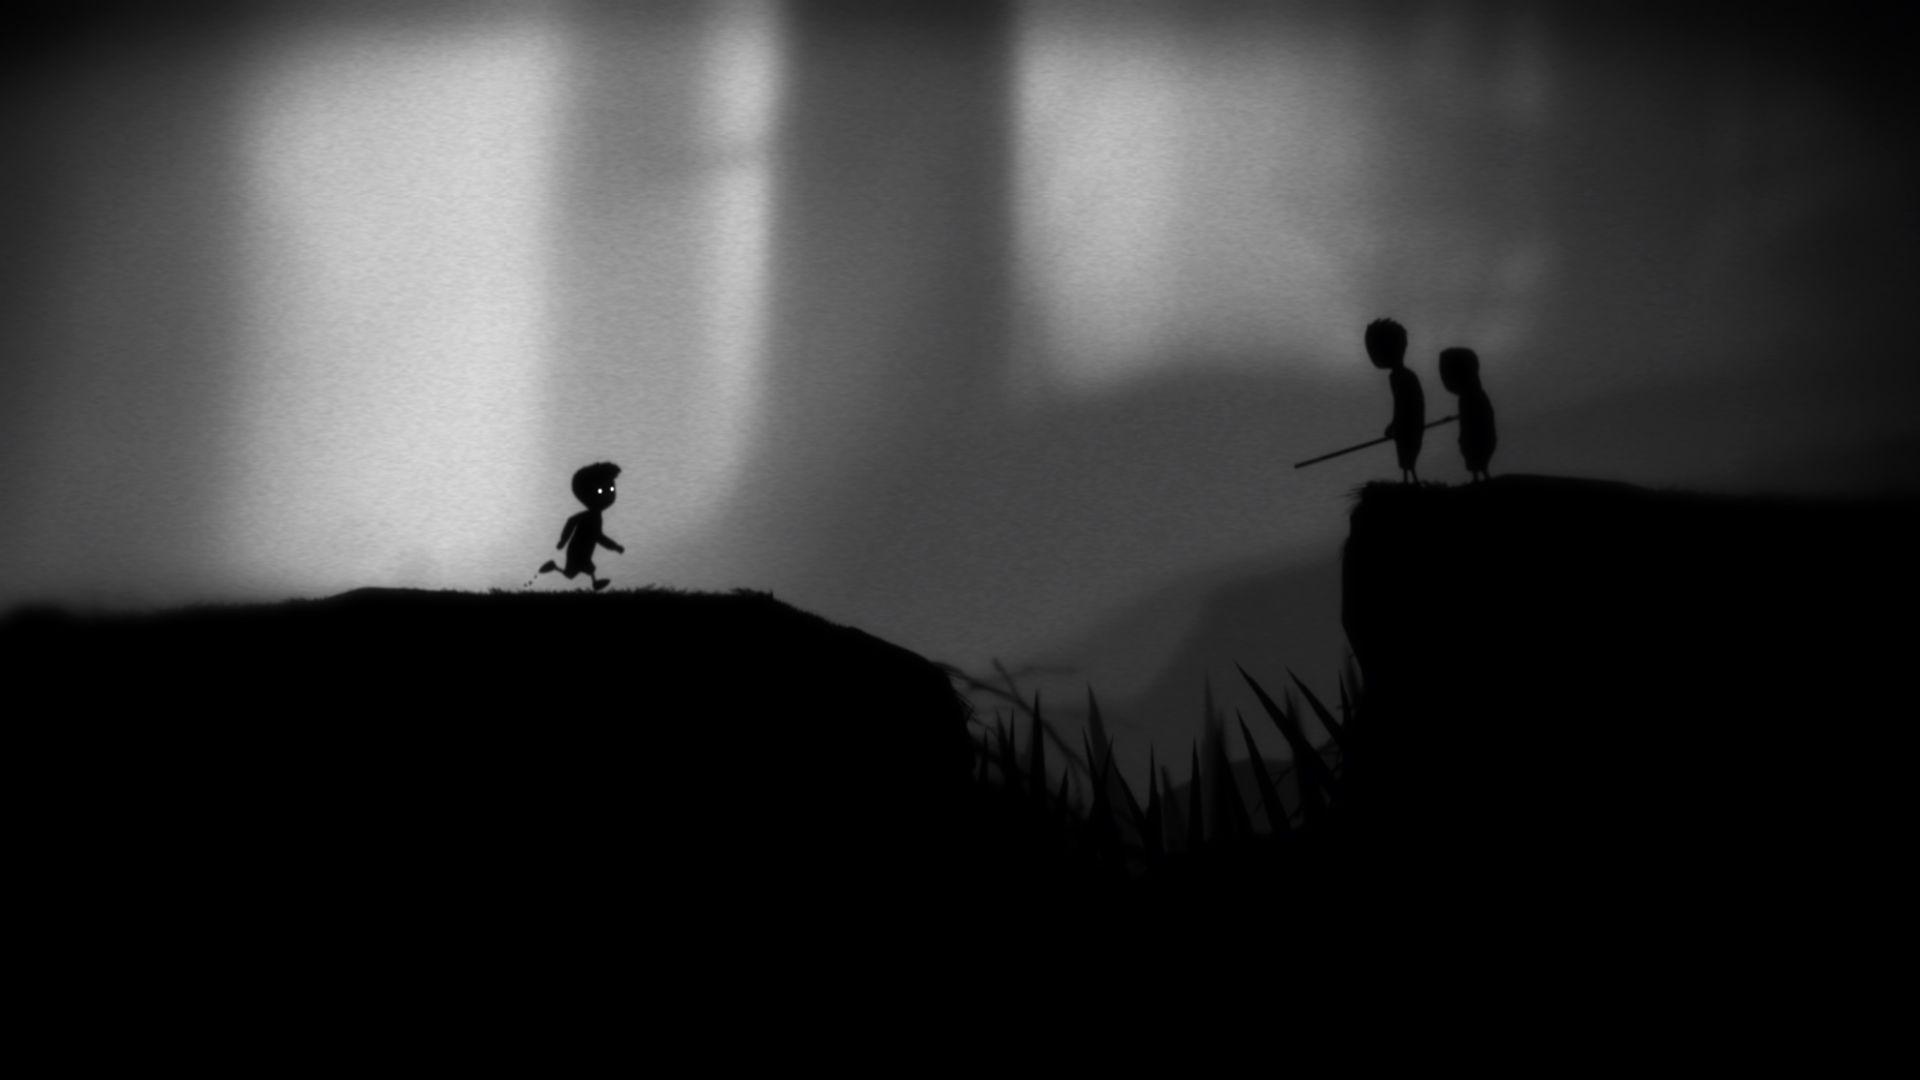 Limbo A New MustDownload iPhone + iPad Game Limbo game